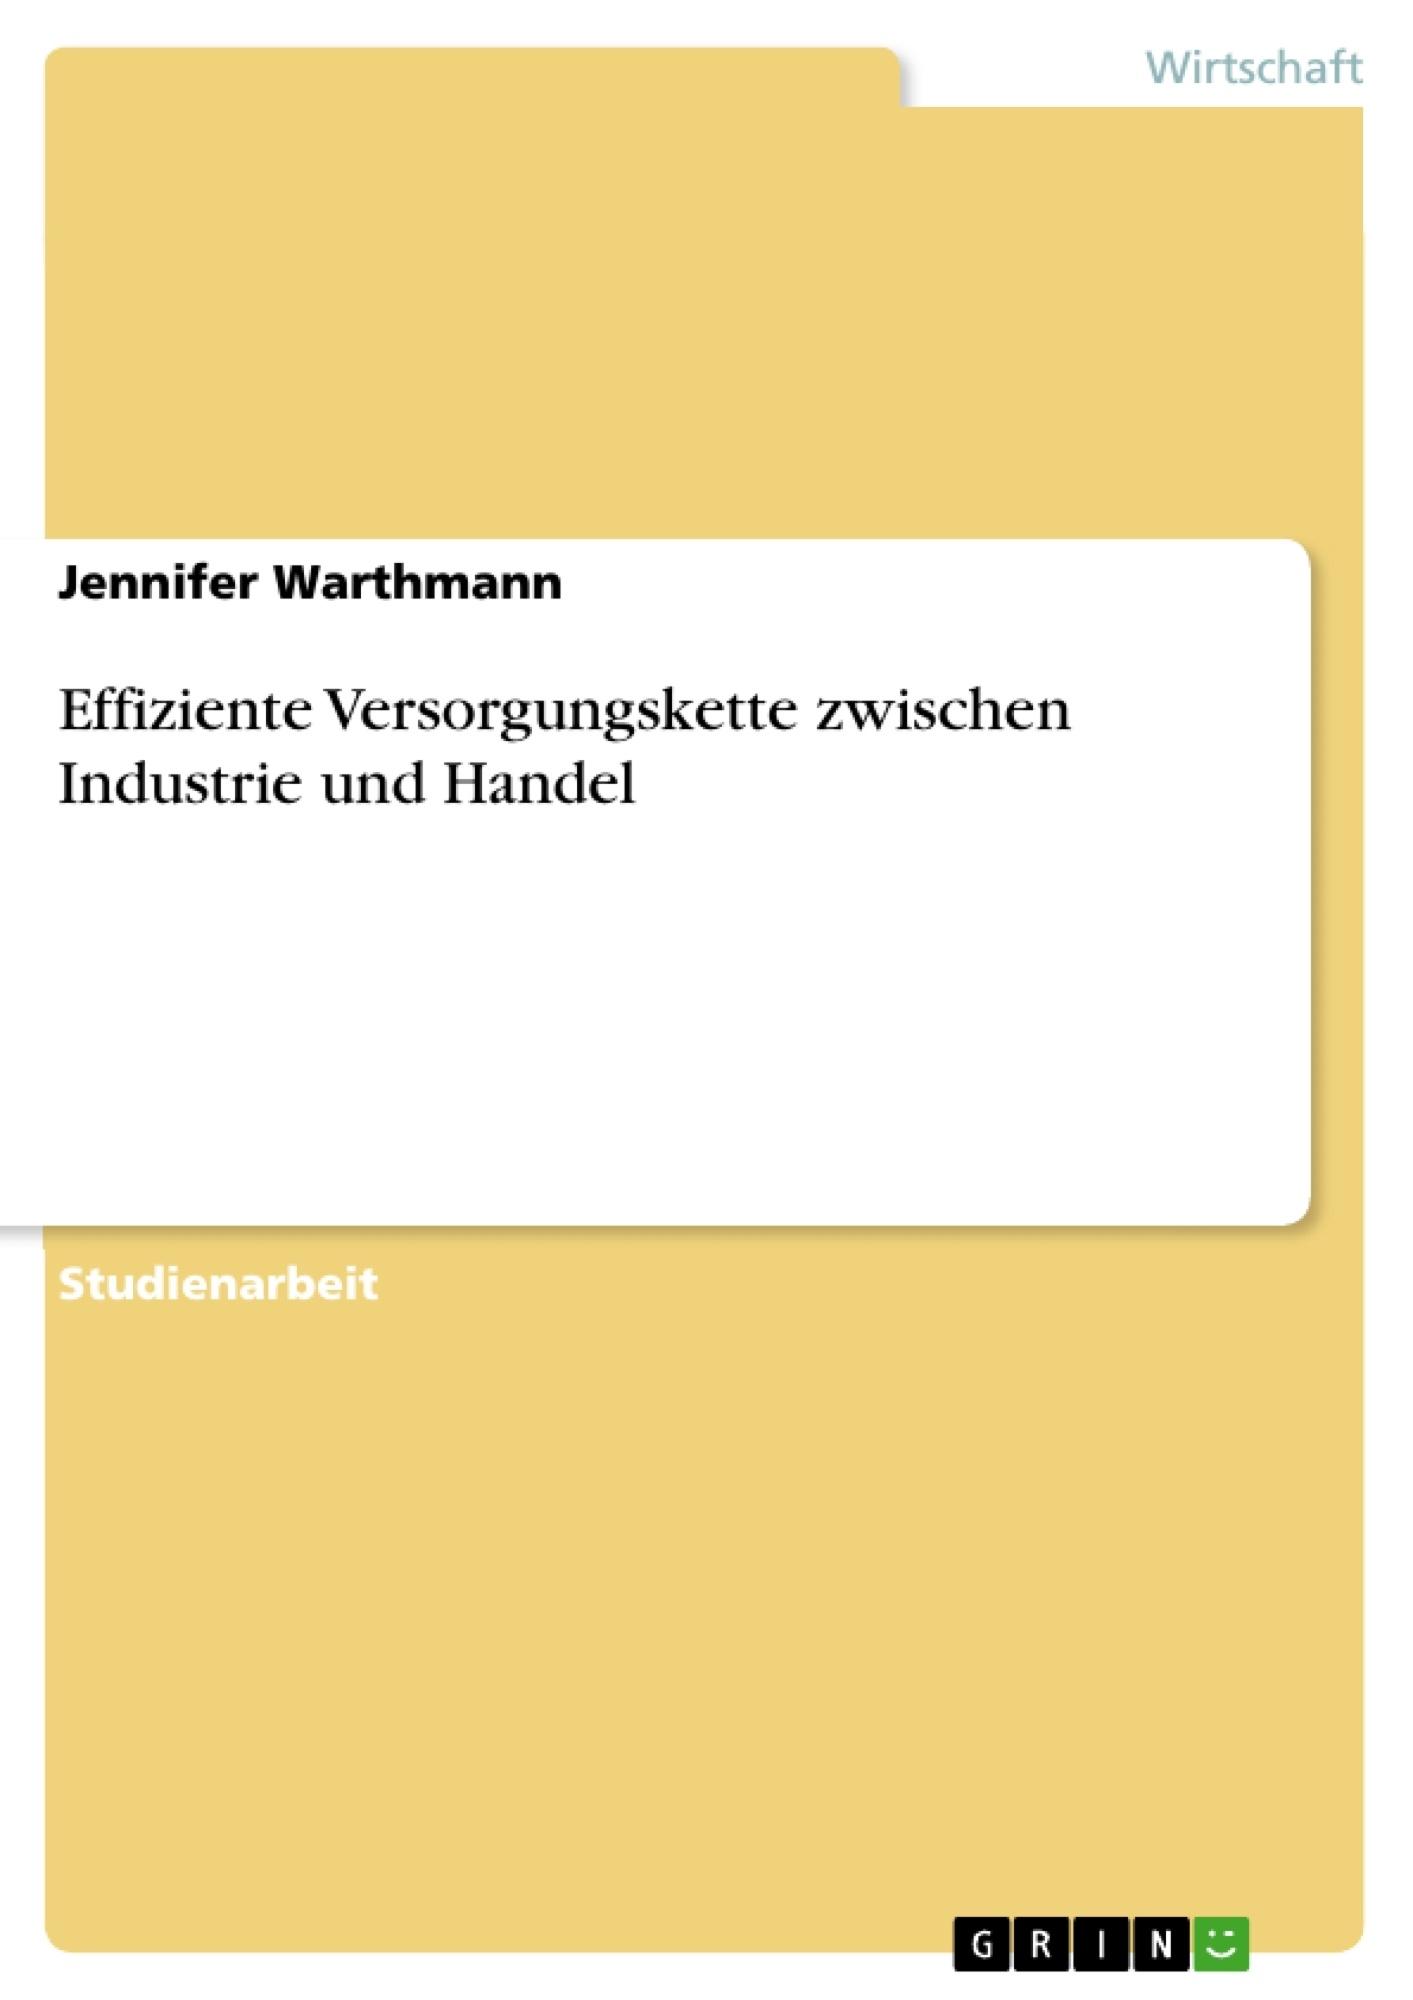 Titel: Effiziente Versorgungskette zwischen Industrie und Handel